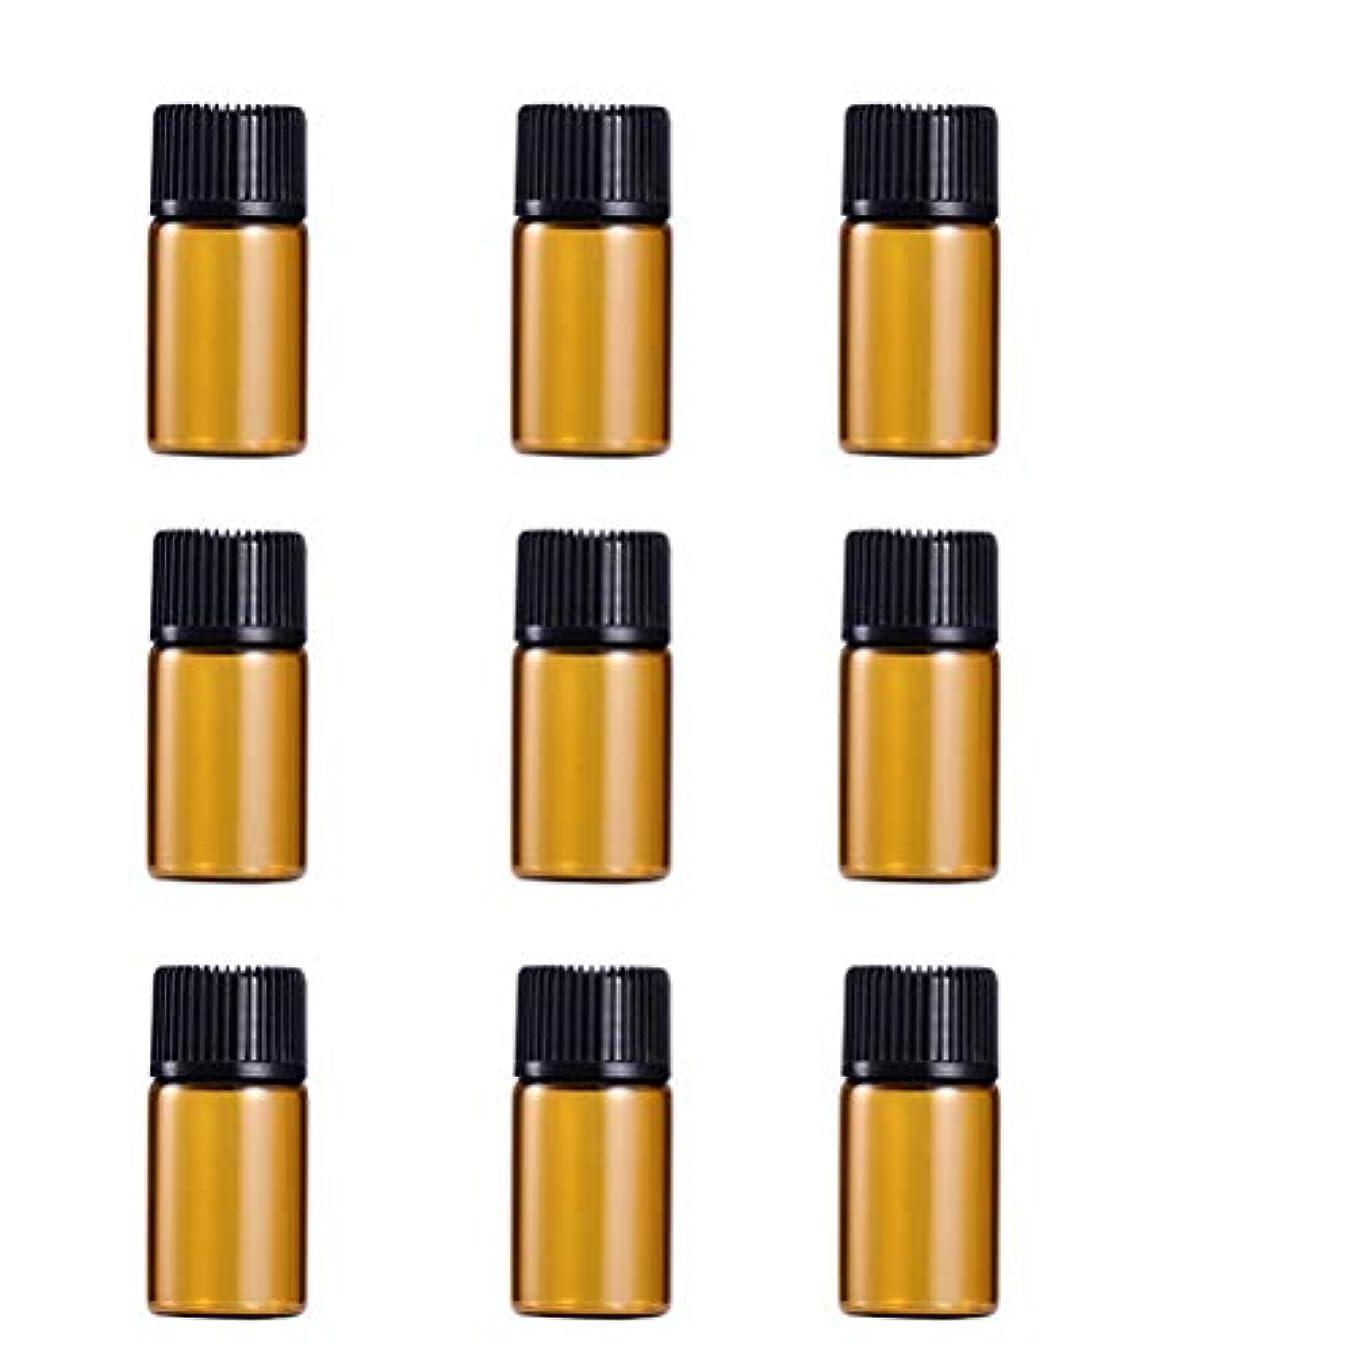 ジョイントミルク密接にWINOMO 遮光瓶 アロマオイル 精油 小分け用 遮光瓶セット アロマボトル 保存容器 エッセンシャルオイル 香水 保存用 詰替え ガラス 茶色(9個入り 3ml)